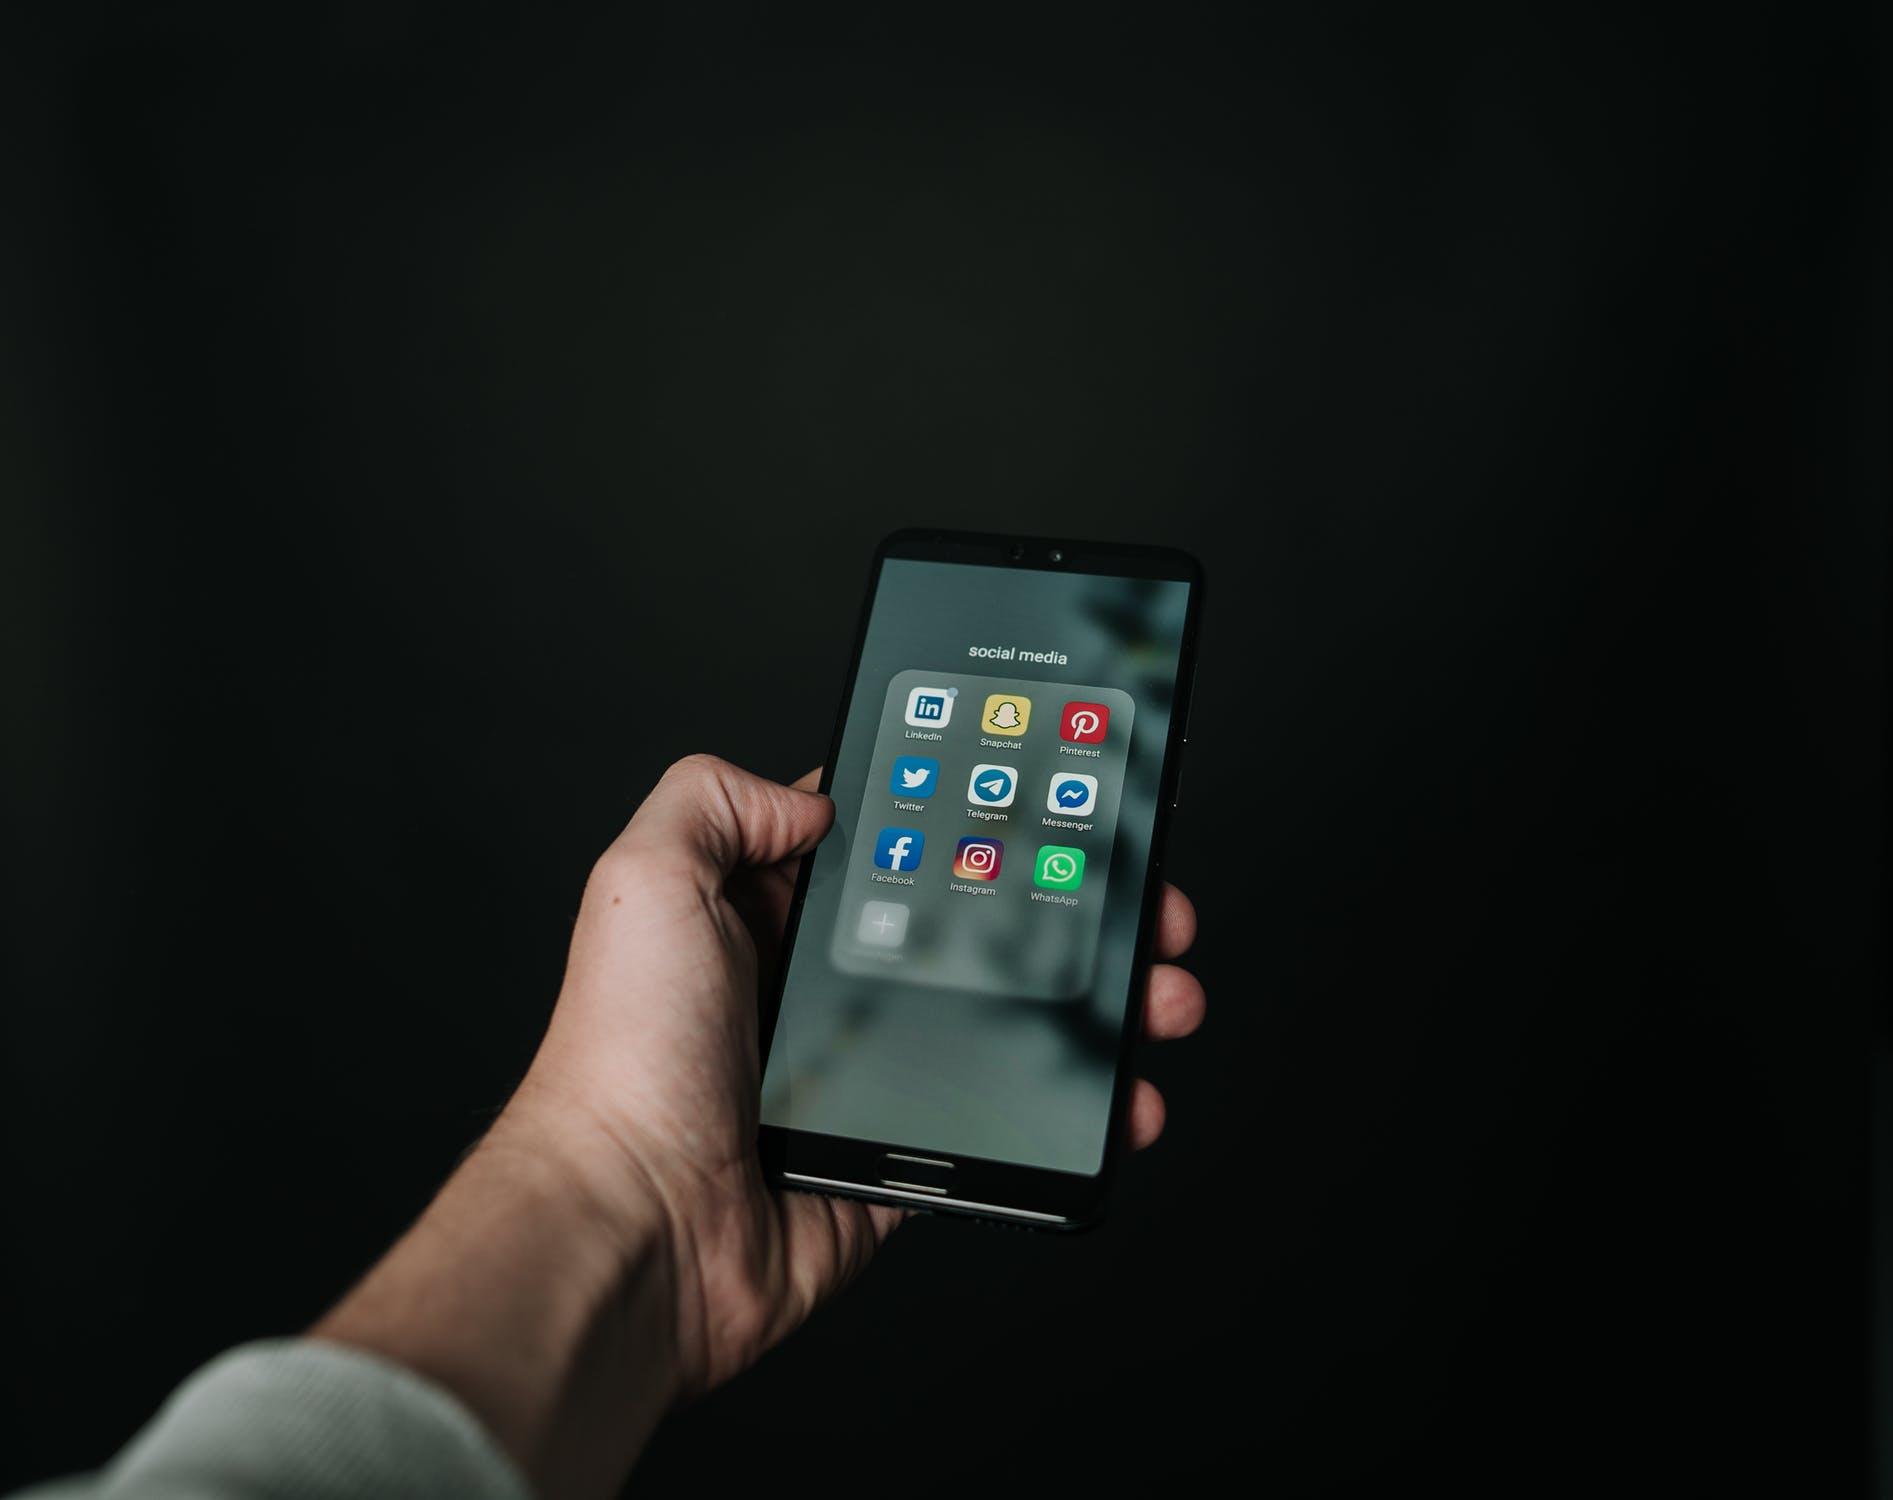 Eコマース(ECサイト)とソーシャルコマースの違いは?